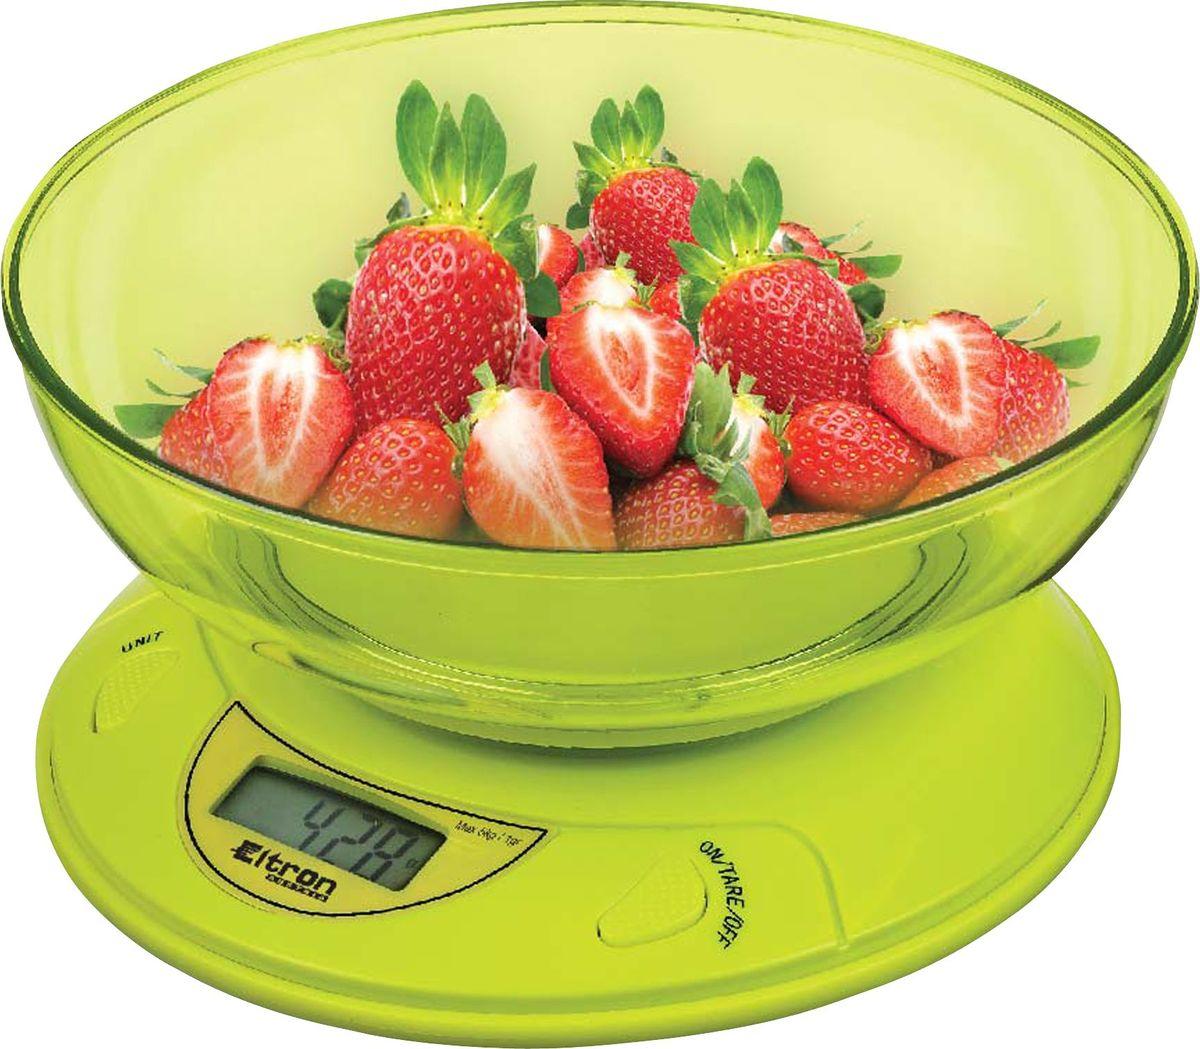 Весы кухонные Eltron, электронные, цвет: салатовый, фиолетовый, до 5 кг. 9259EL9259ELЭлектронные кухонные весы. /2 цвета/ Современный дизайн. Двухкнопочный механизм. ЖК-дисплей. Съемная прозрачная чаша. Максимальный вес - 5 кг. Показывает вес в унциях, фунтах, гр, мл.2хААА батареи входят в комплект.